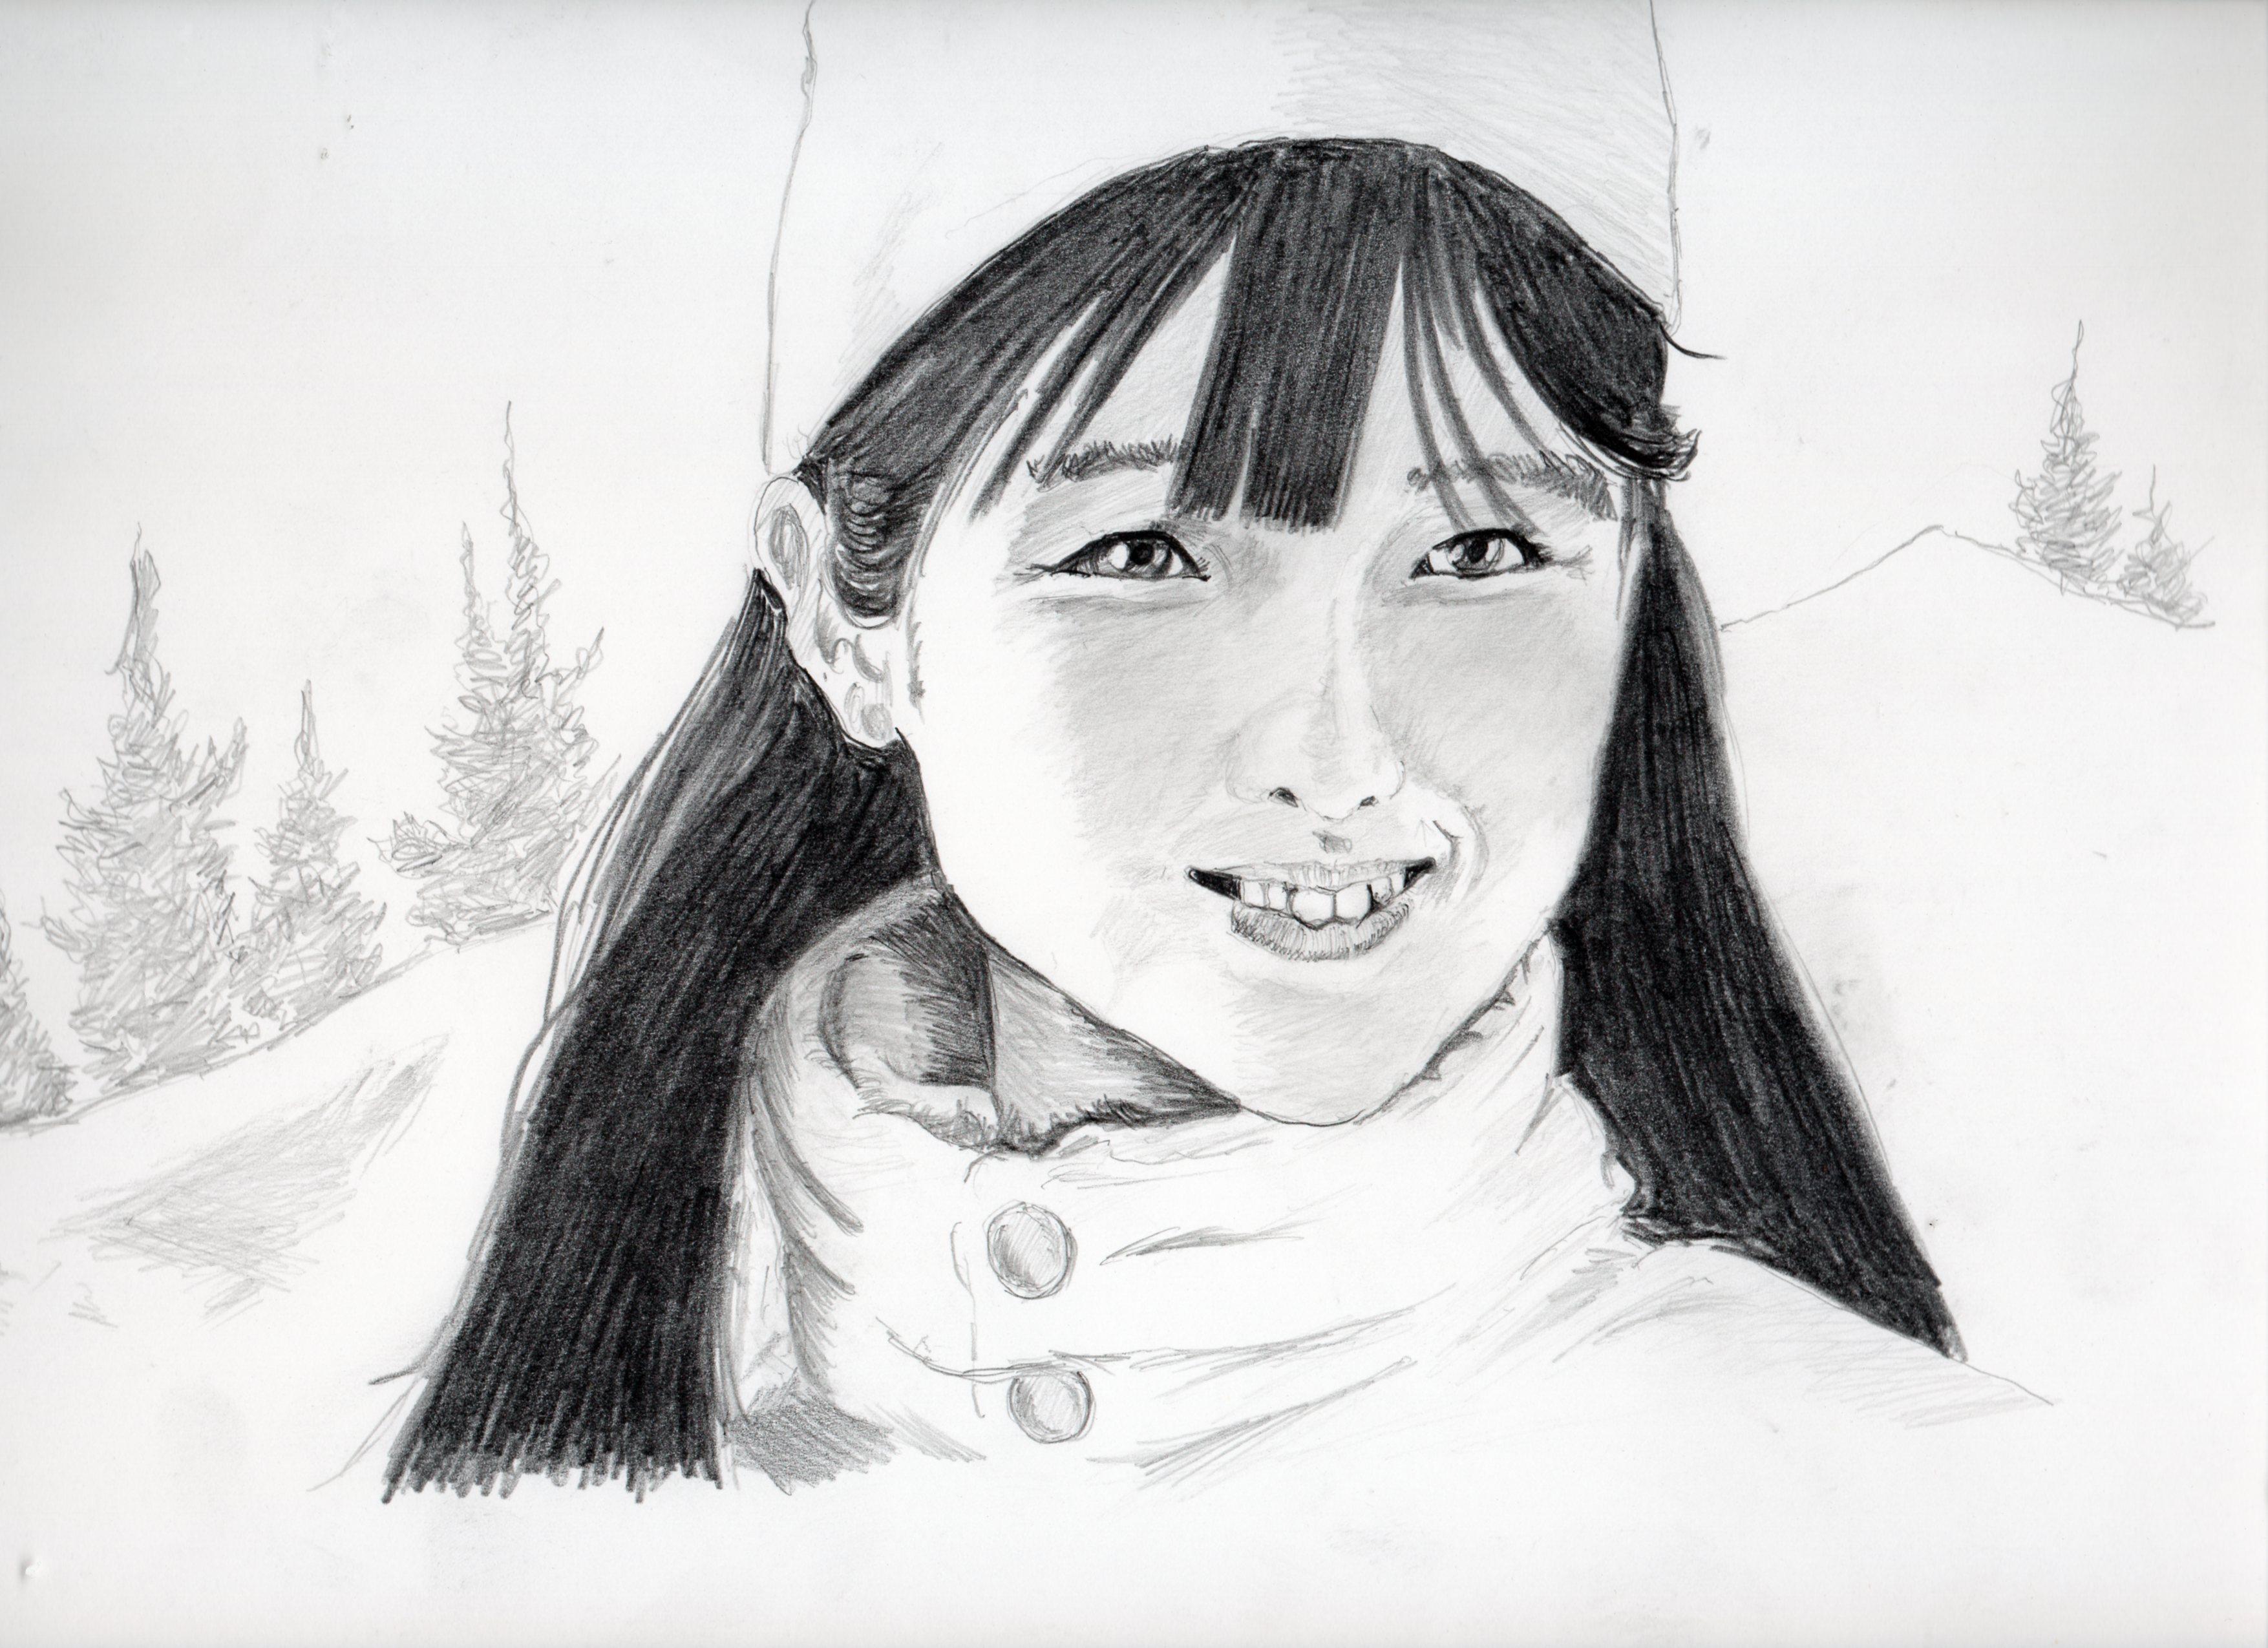 原田知世の鉛筆画似顔絵、原田知世のリアル鉛筆画似顔絵